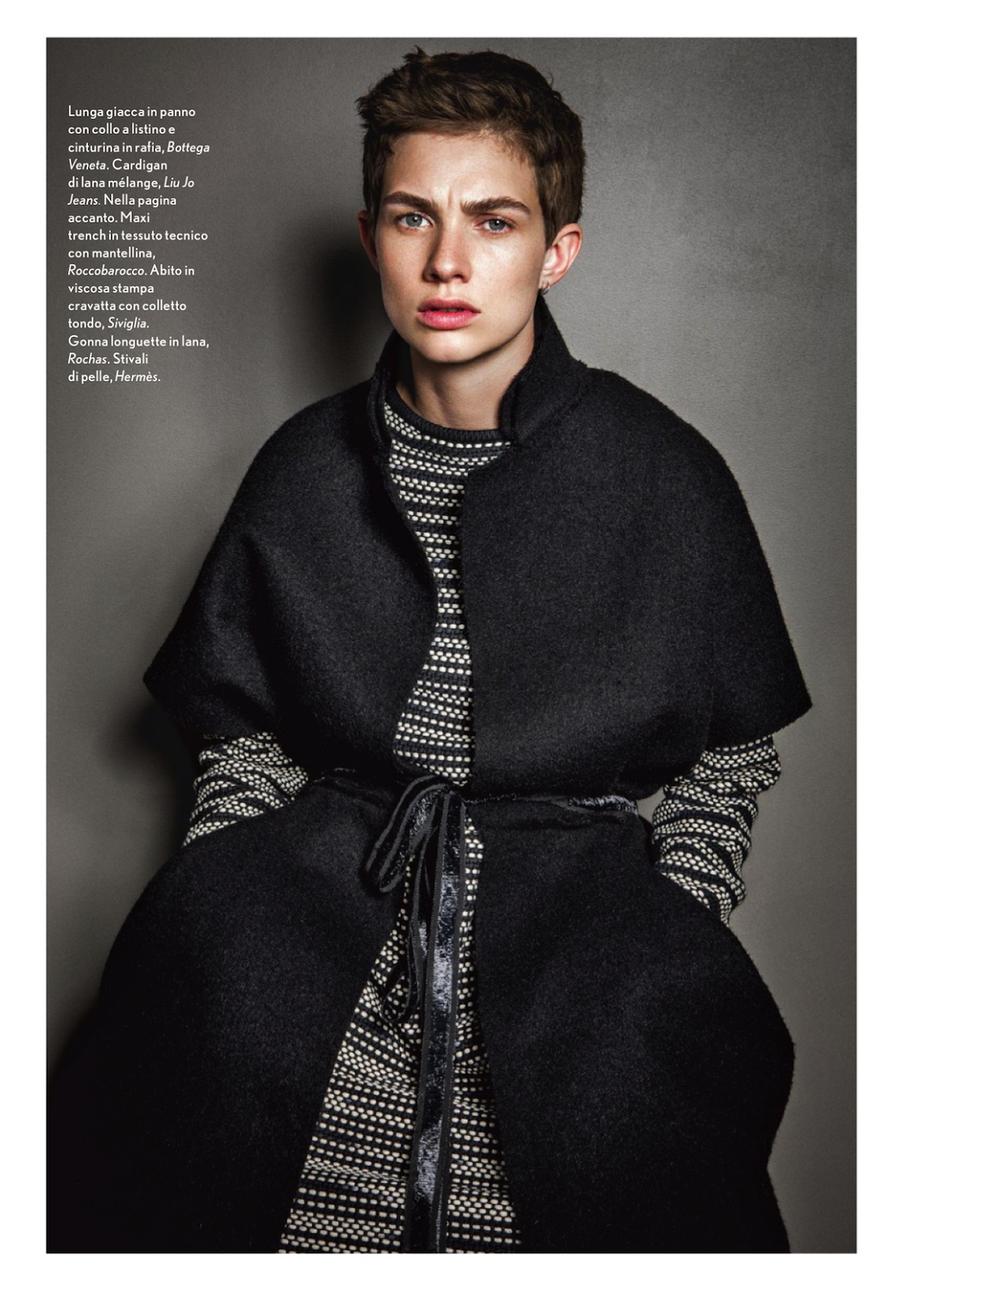 Bottega Veneta sweater in Amica magazine